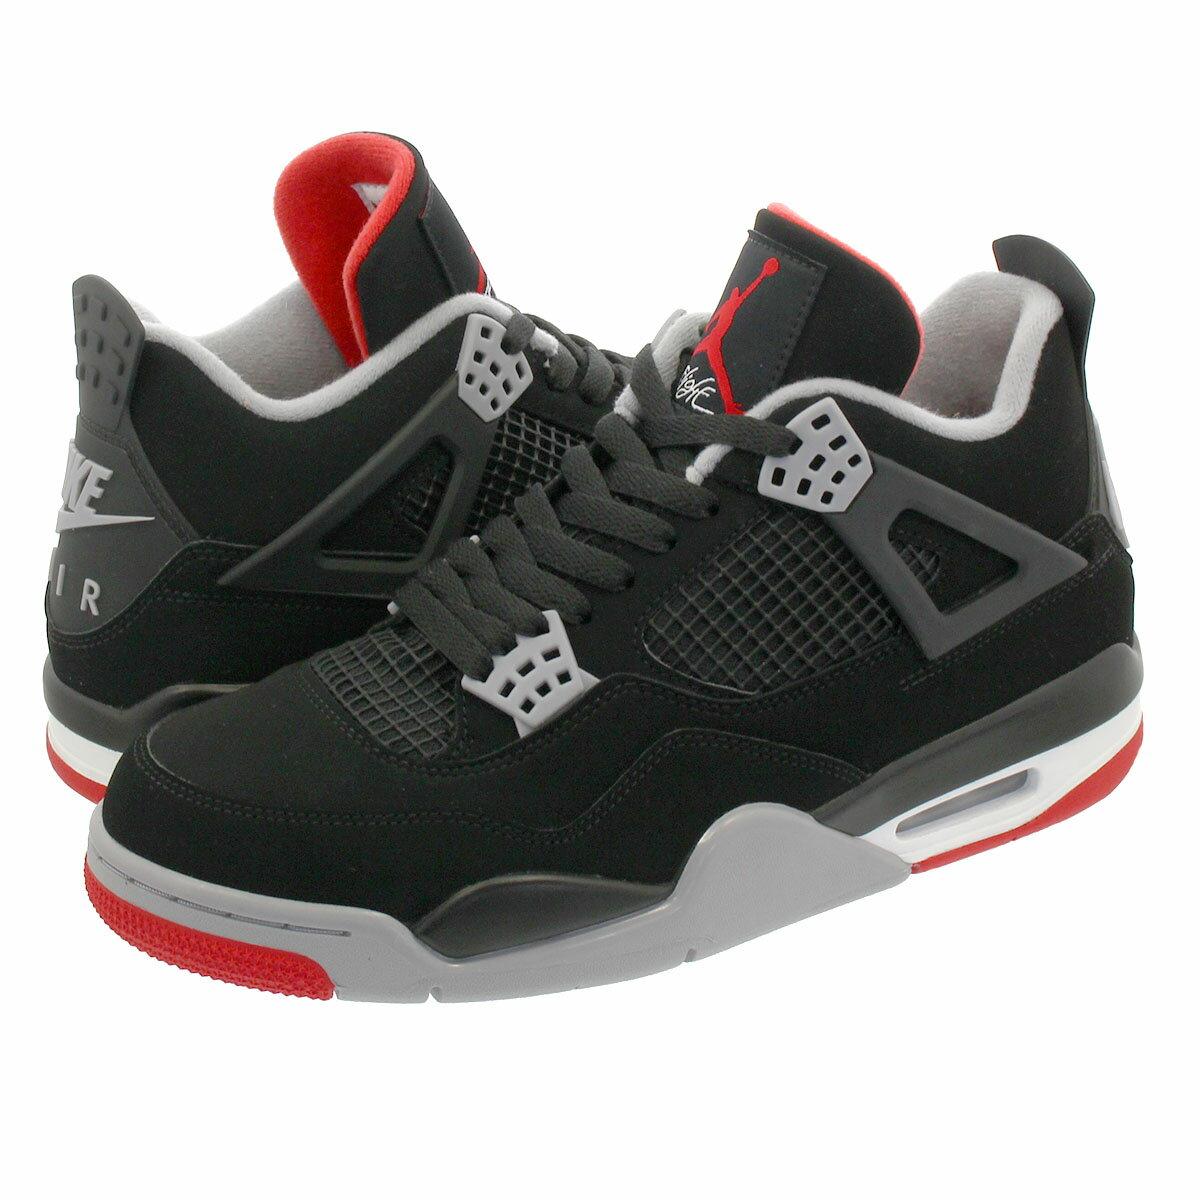 メンズ靴, スニーカー NIKE AIR JORDAN 4 RETRO BRED 4 BLACKCEMENT GREYSUMMIT WHITEFIRE RED 308497-060